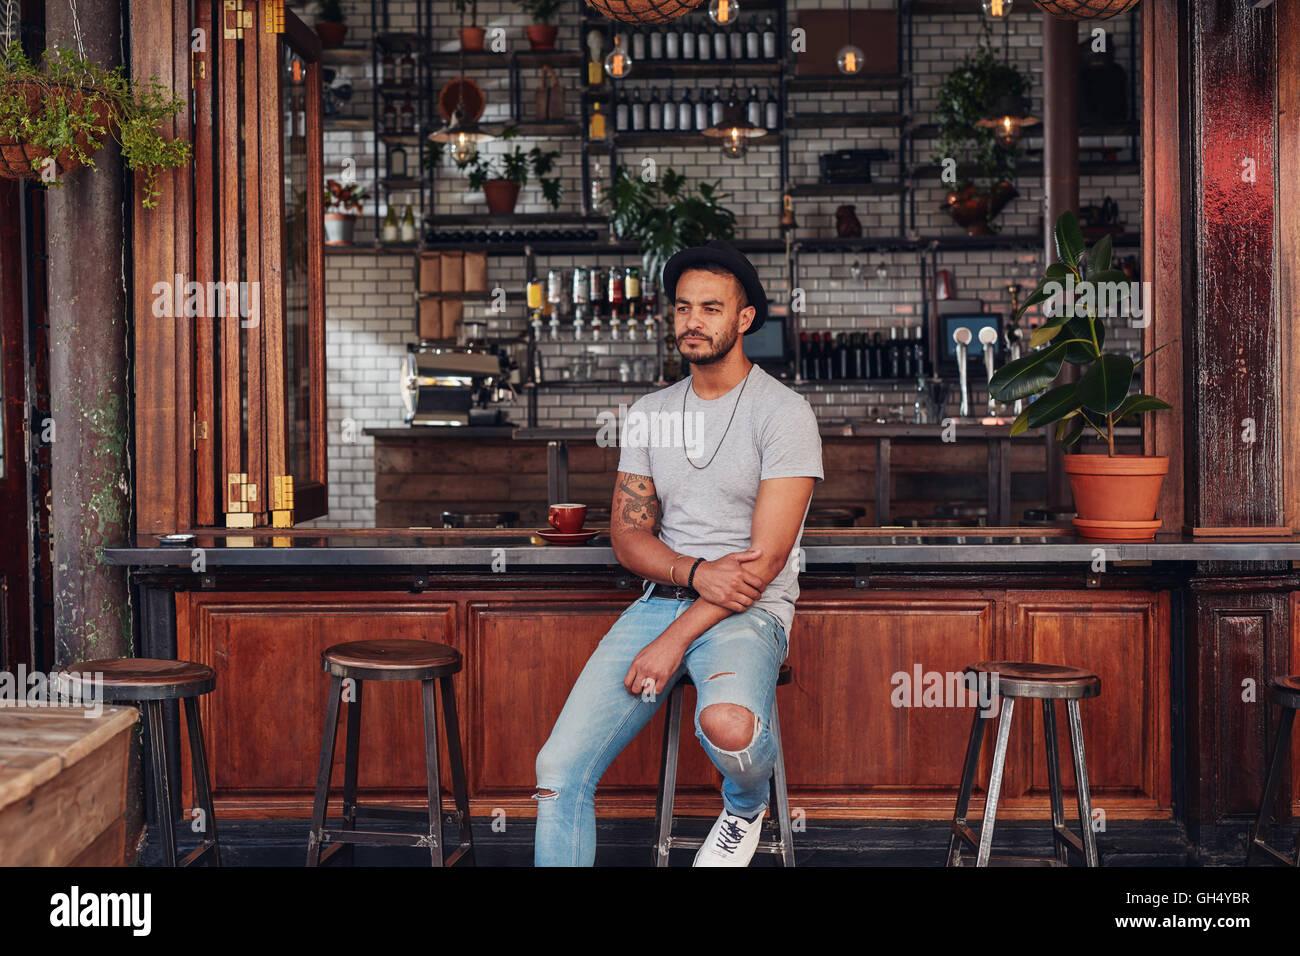 Ritratto di sconvolgere giovane uomo seduto da solo ad un cafe contatore. Moderno e giovane uomo caucasico guardando Immagini Stock